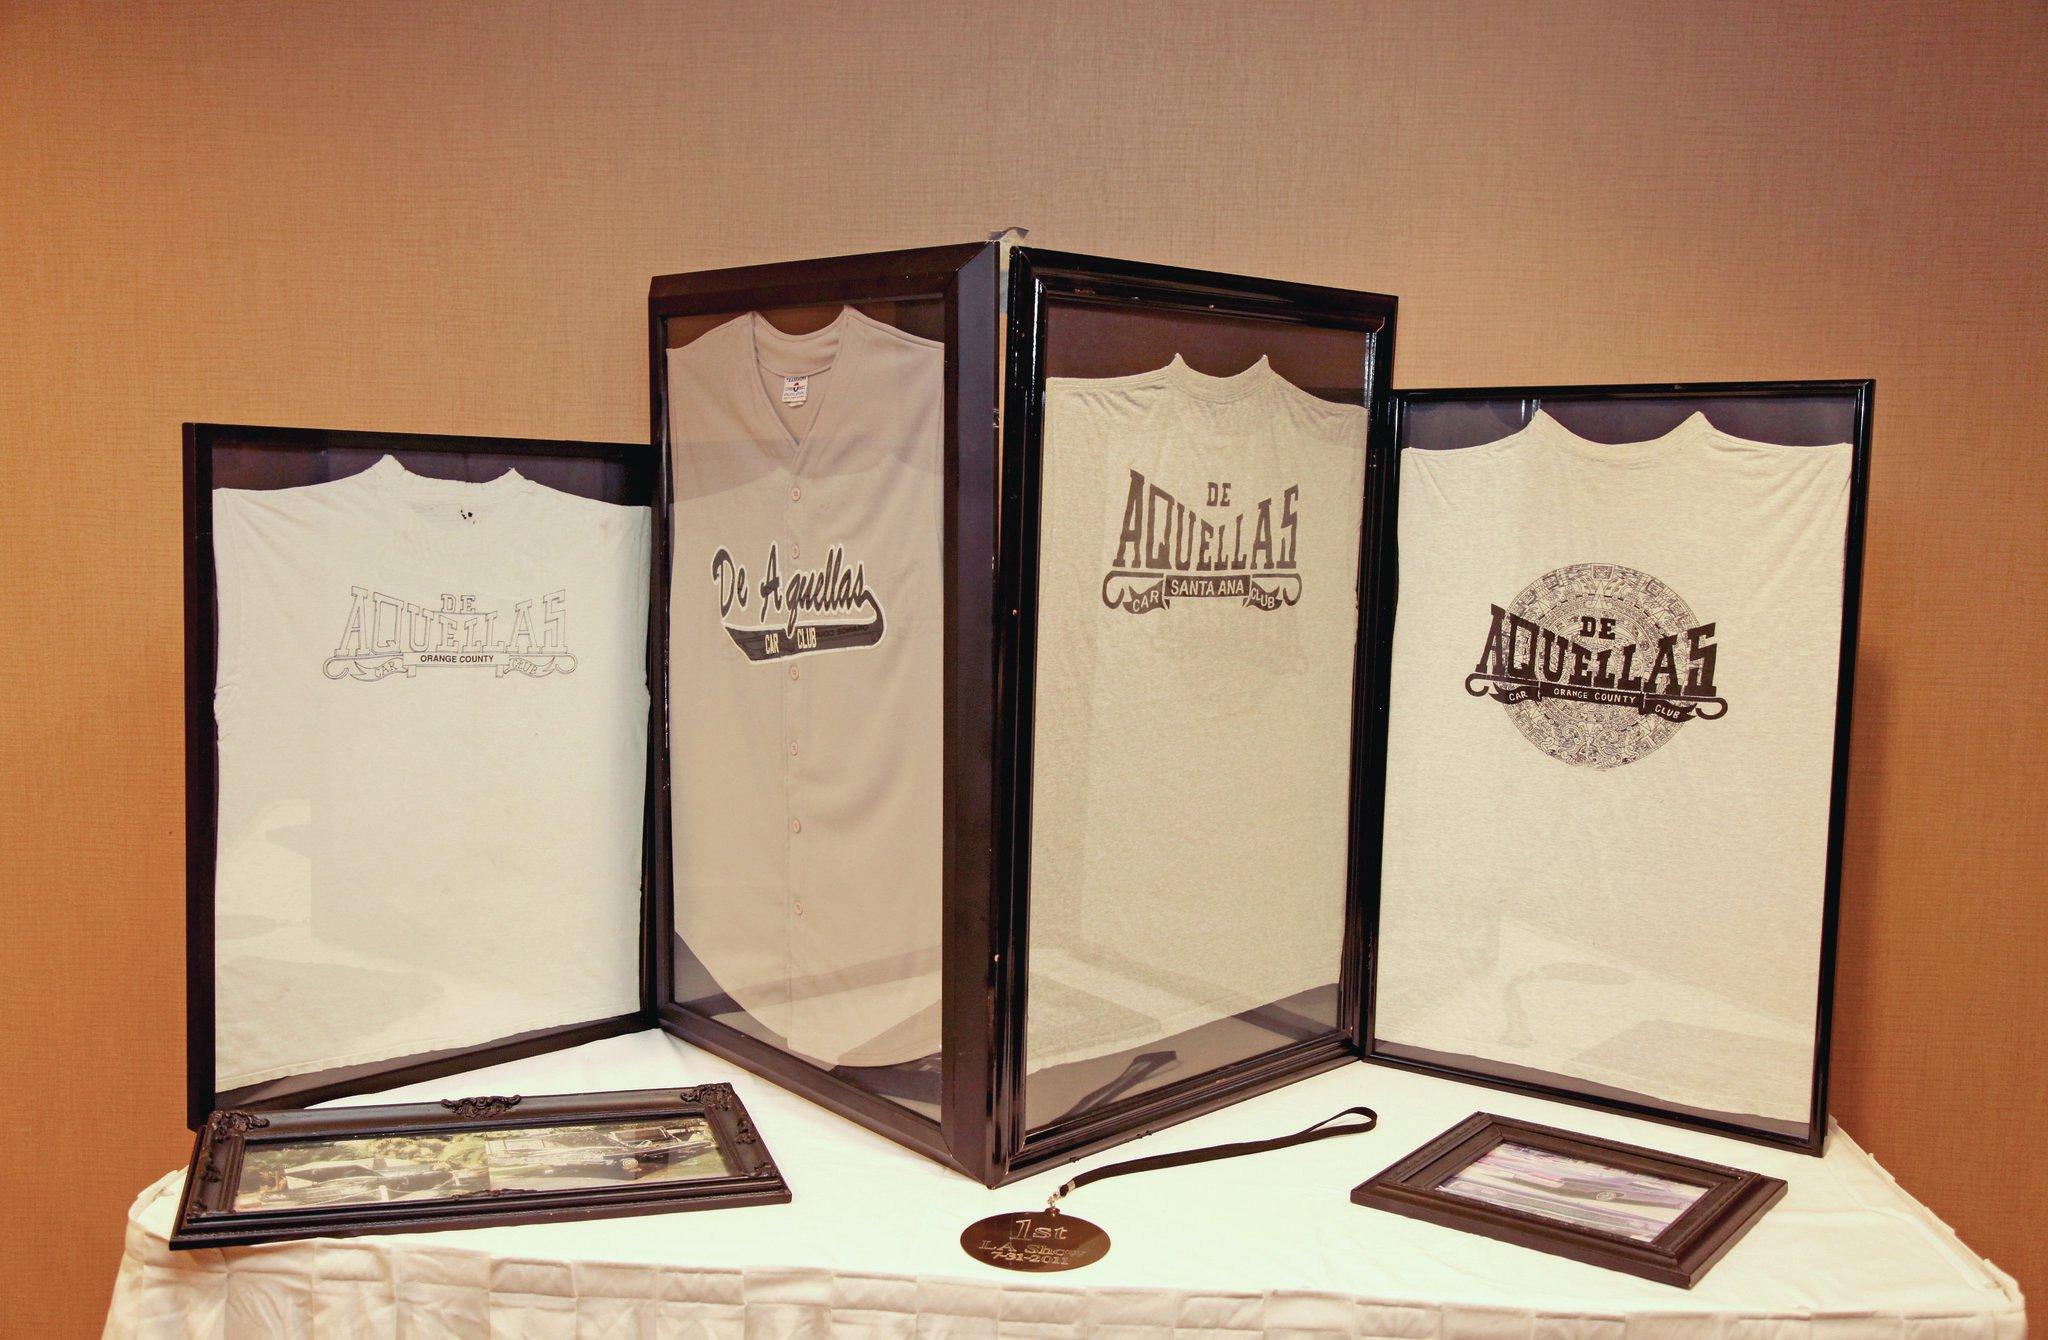 deAquellas-OC-25th-anniversary-deAquellas-shirts-011